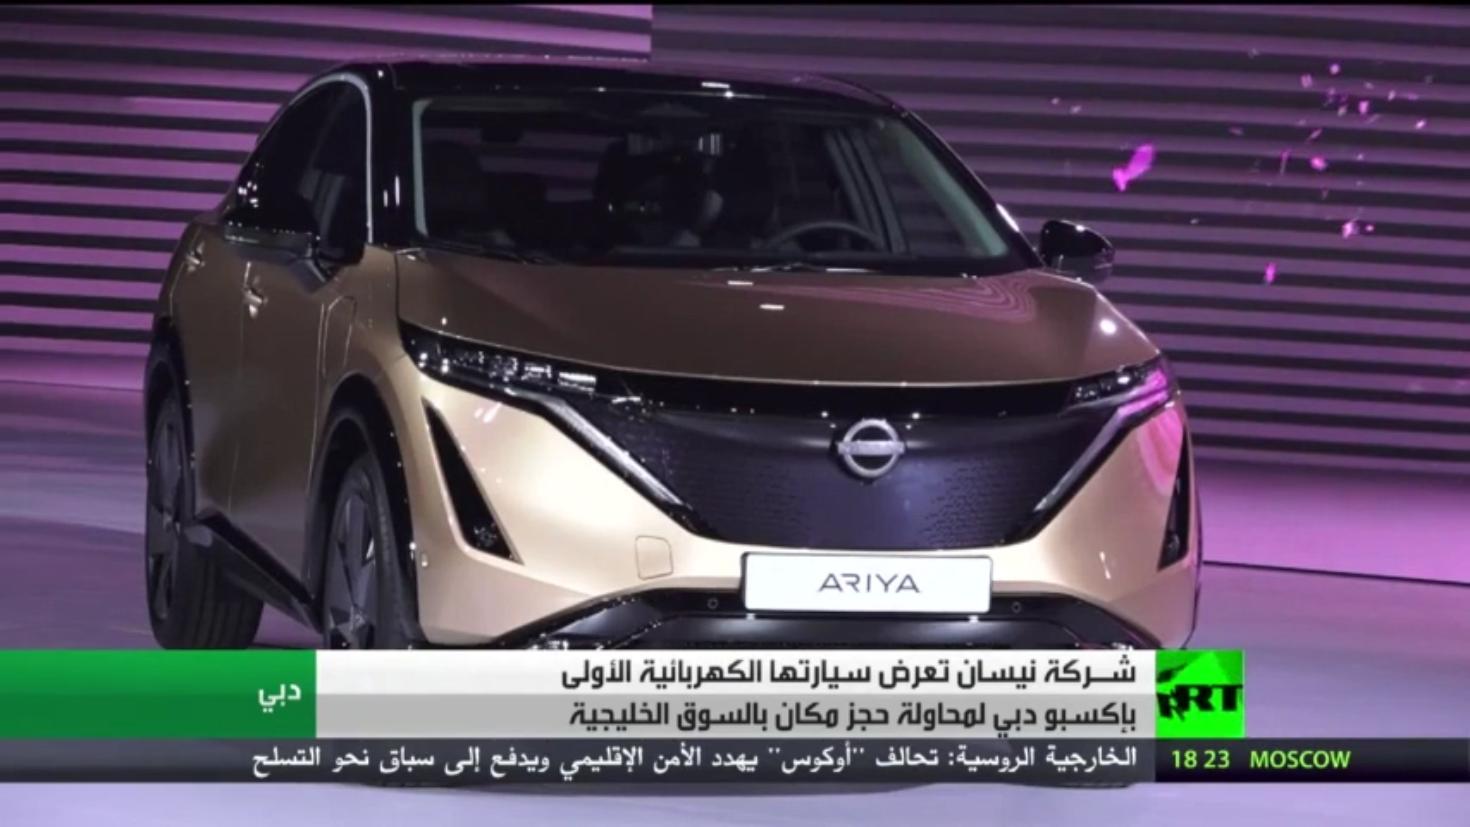 سيارة نيسان الكهربائية في إكسبو دبي